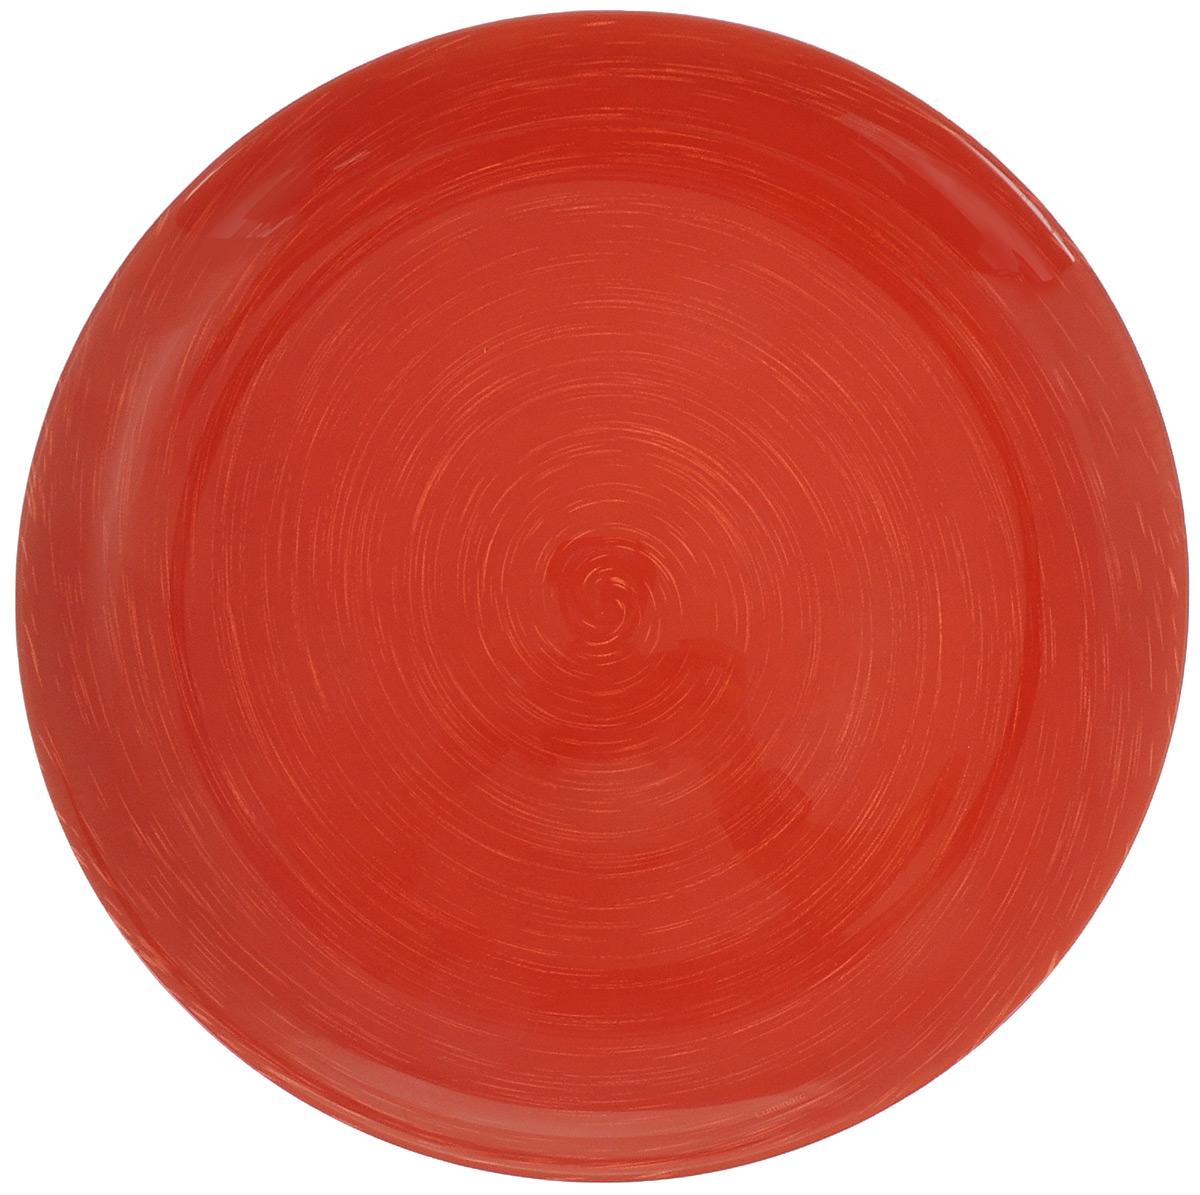 Тарелка Luminarc Stonemania, цвет: красный, белый, диаметр 25 смH3670Тарелка Luminarc Stonemania, изготовленная из ударопрочного стекла. Такая тарелка прекрасно подходит как для торжественных случаев, так и для повседневного использования. Идеальна для подачи десертов, пирожных, тортов и многого другого. Она прекрасно оформит стол и станет отличным дополнением к вашей коллекции кухонной посуды. Диаметр тарелки (по верхнему краю): 25 см. Высота тарелки: 2,2 см.